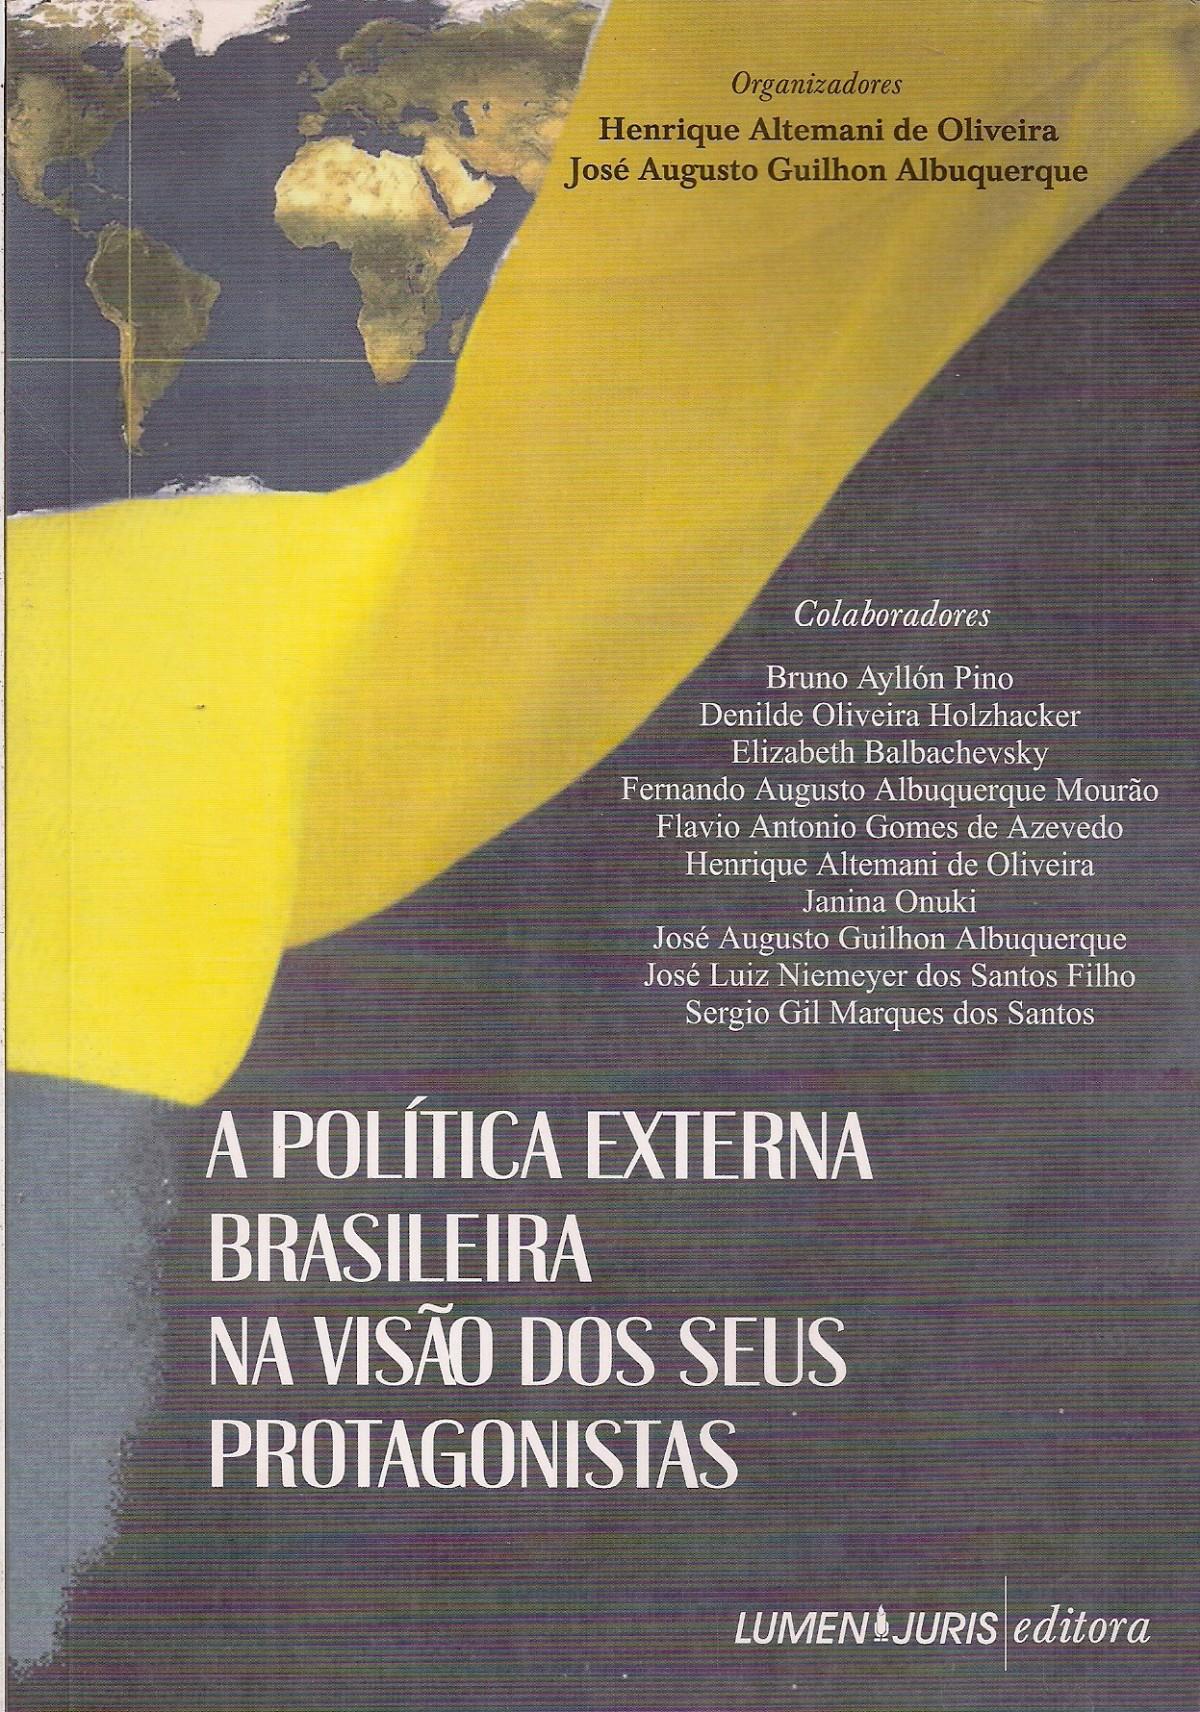 Foto 1 - A Política Externa Brasileira na Visão dos seus Protagonistas